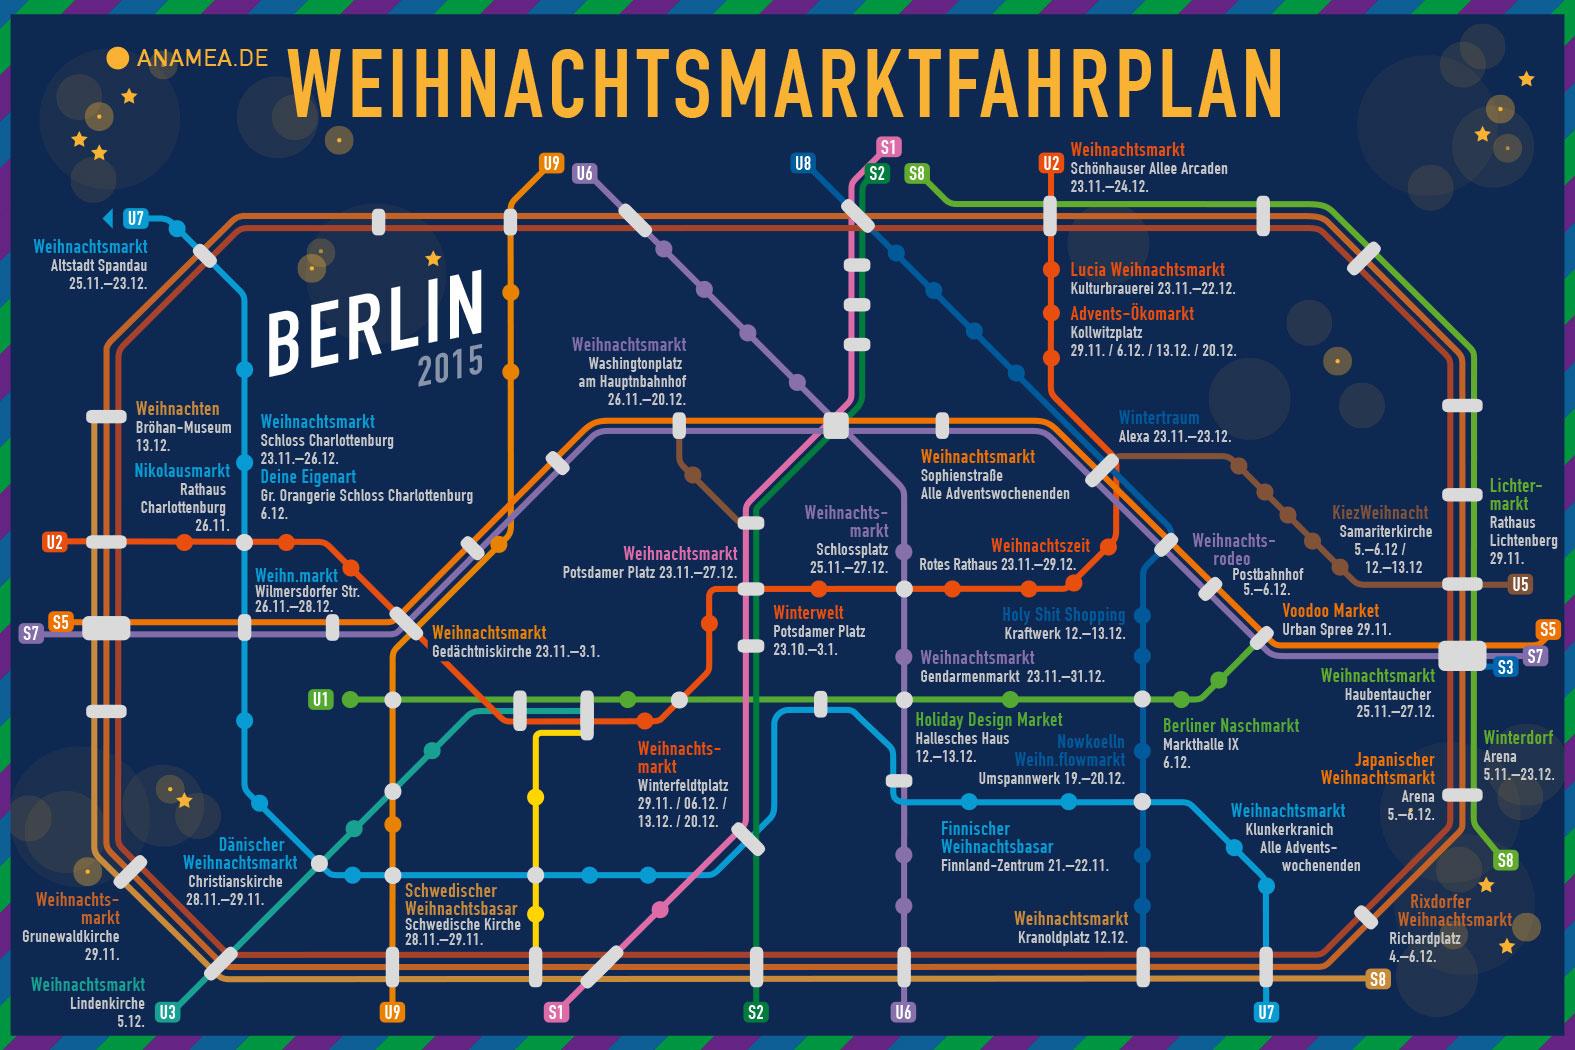 Berlin Christmas Markets Map Berlin Christmas Markets Map   Berlin Love Berlin Christmas Markets Map